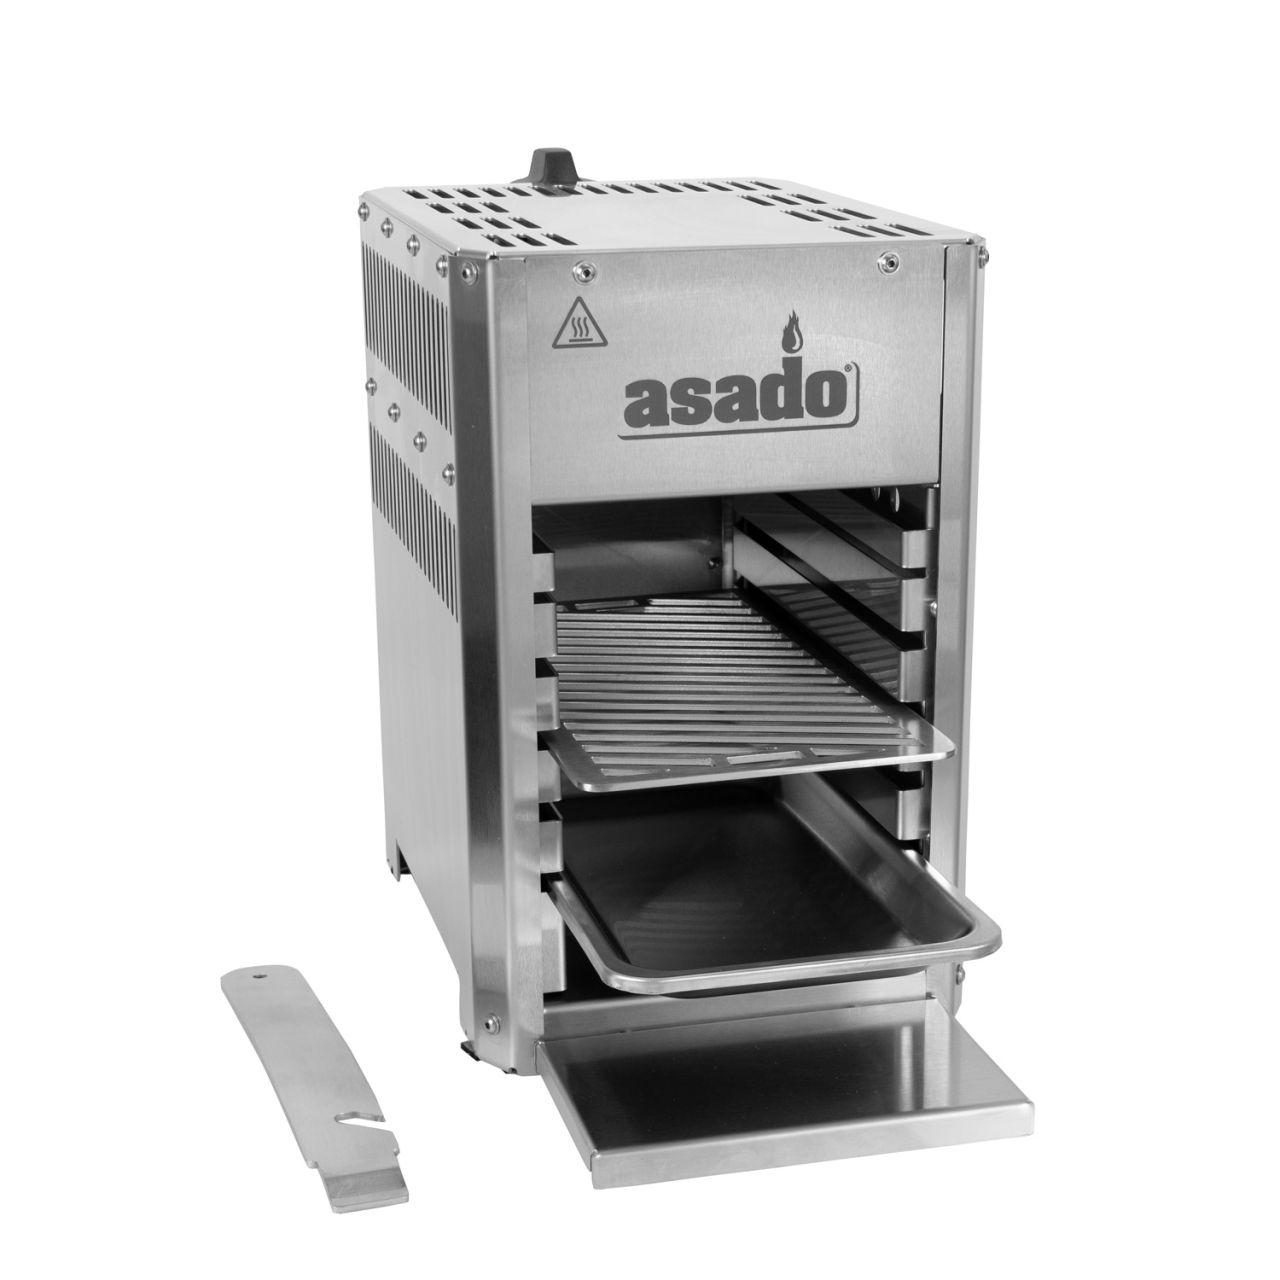 Asado 800 compact Oberhitze Gasgrill 105592